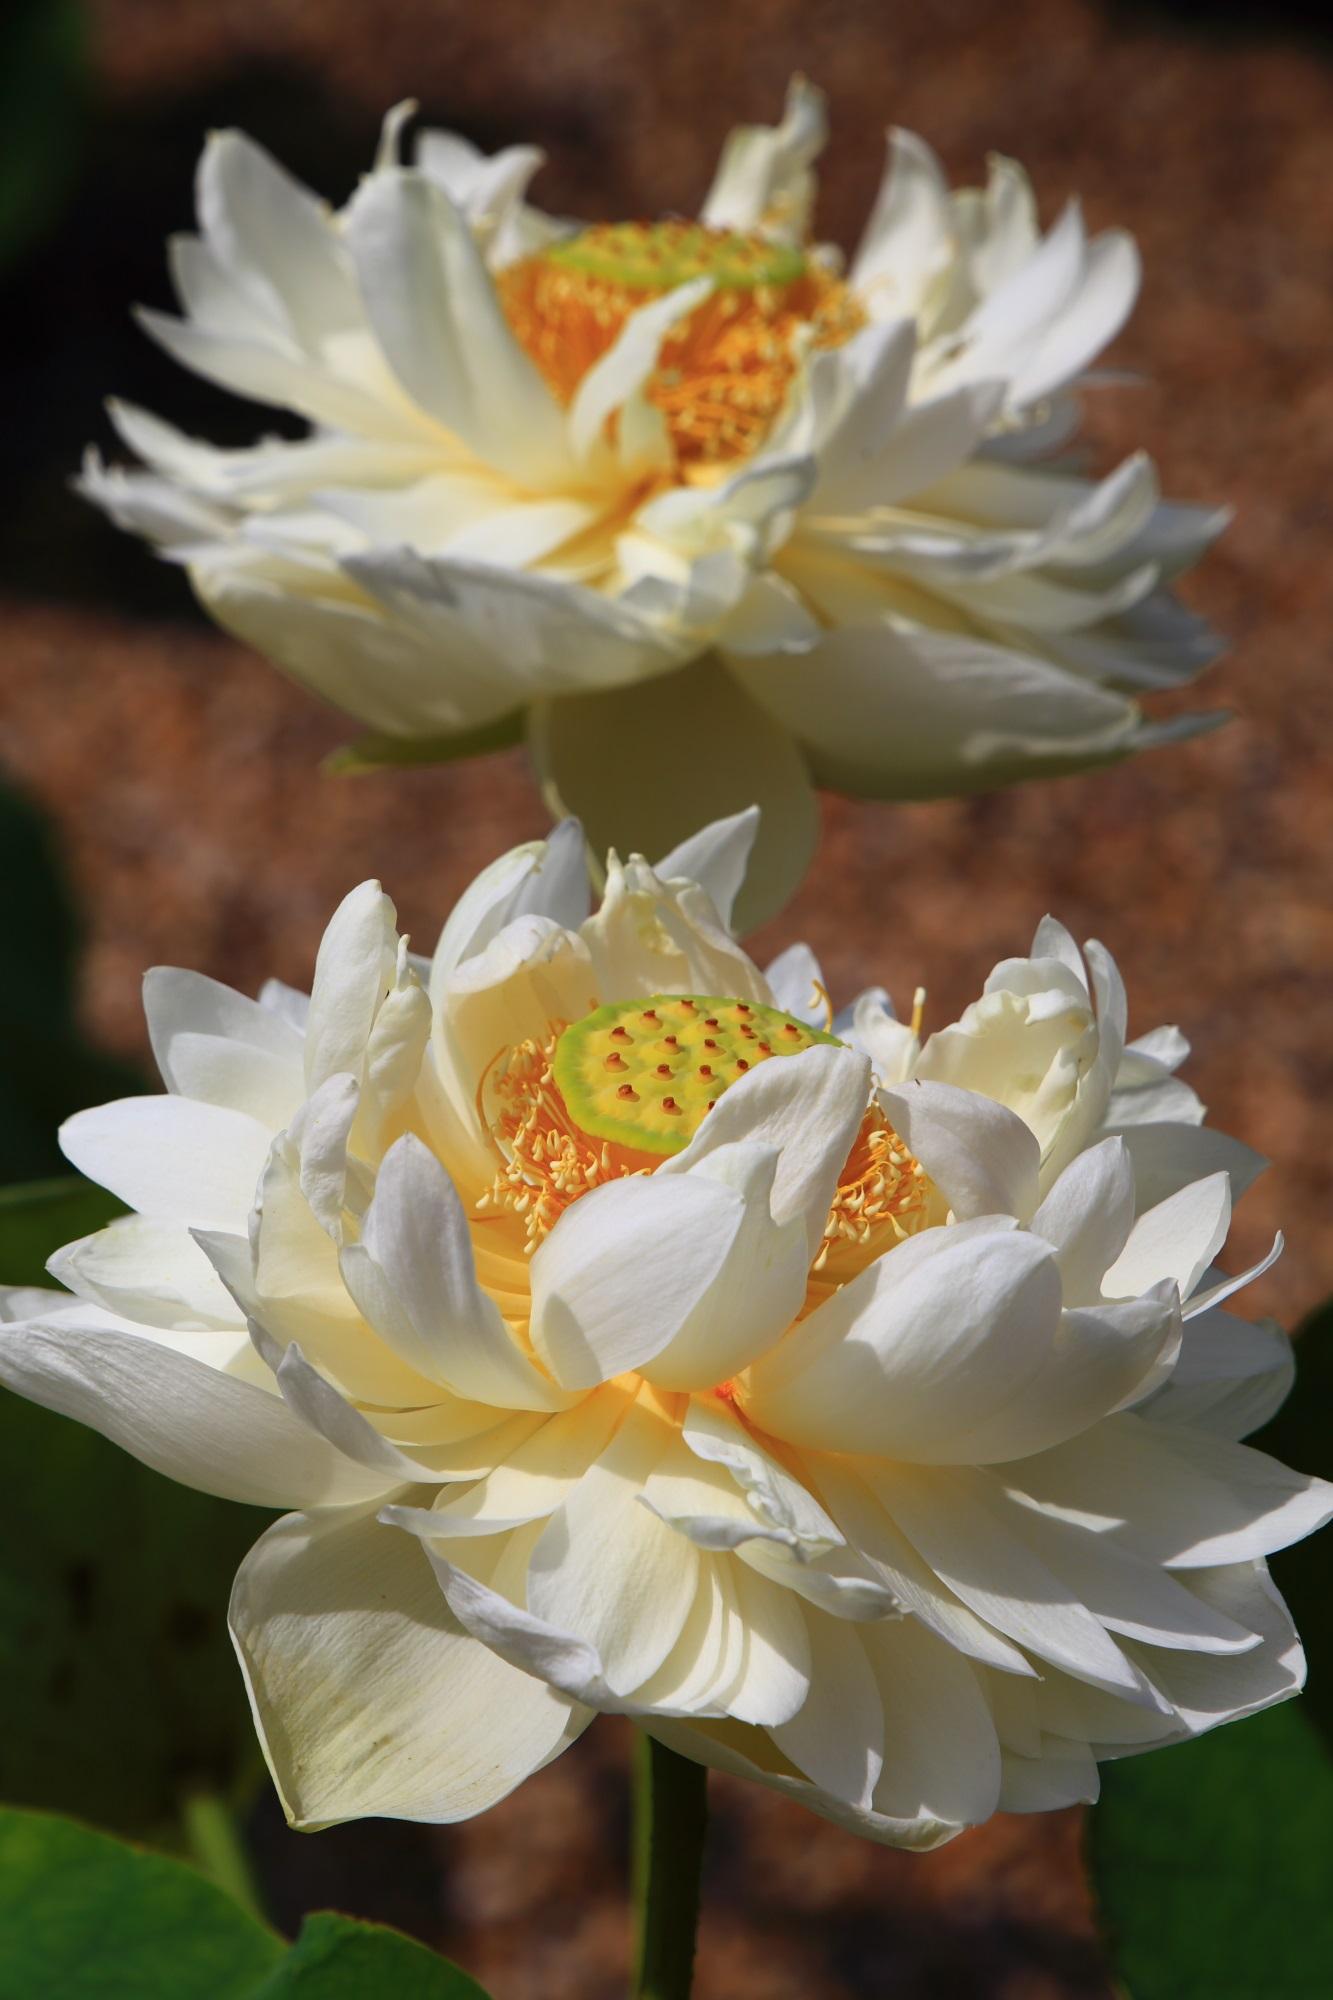 萬福寺の真っ白な花びらが溢れ出す豪快な蓮の花